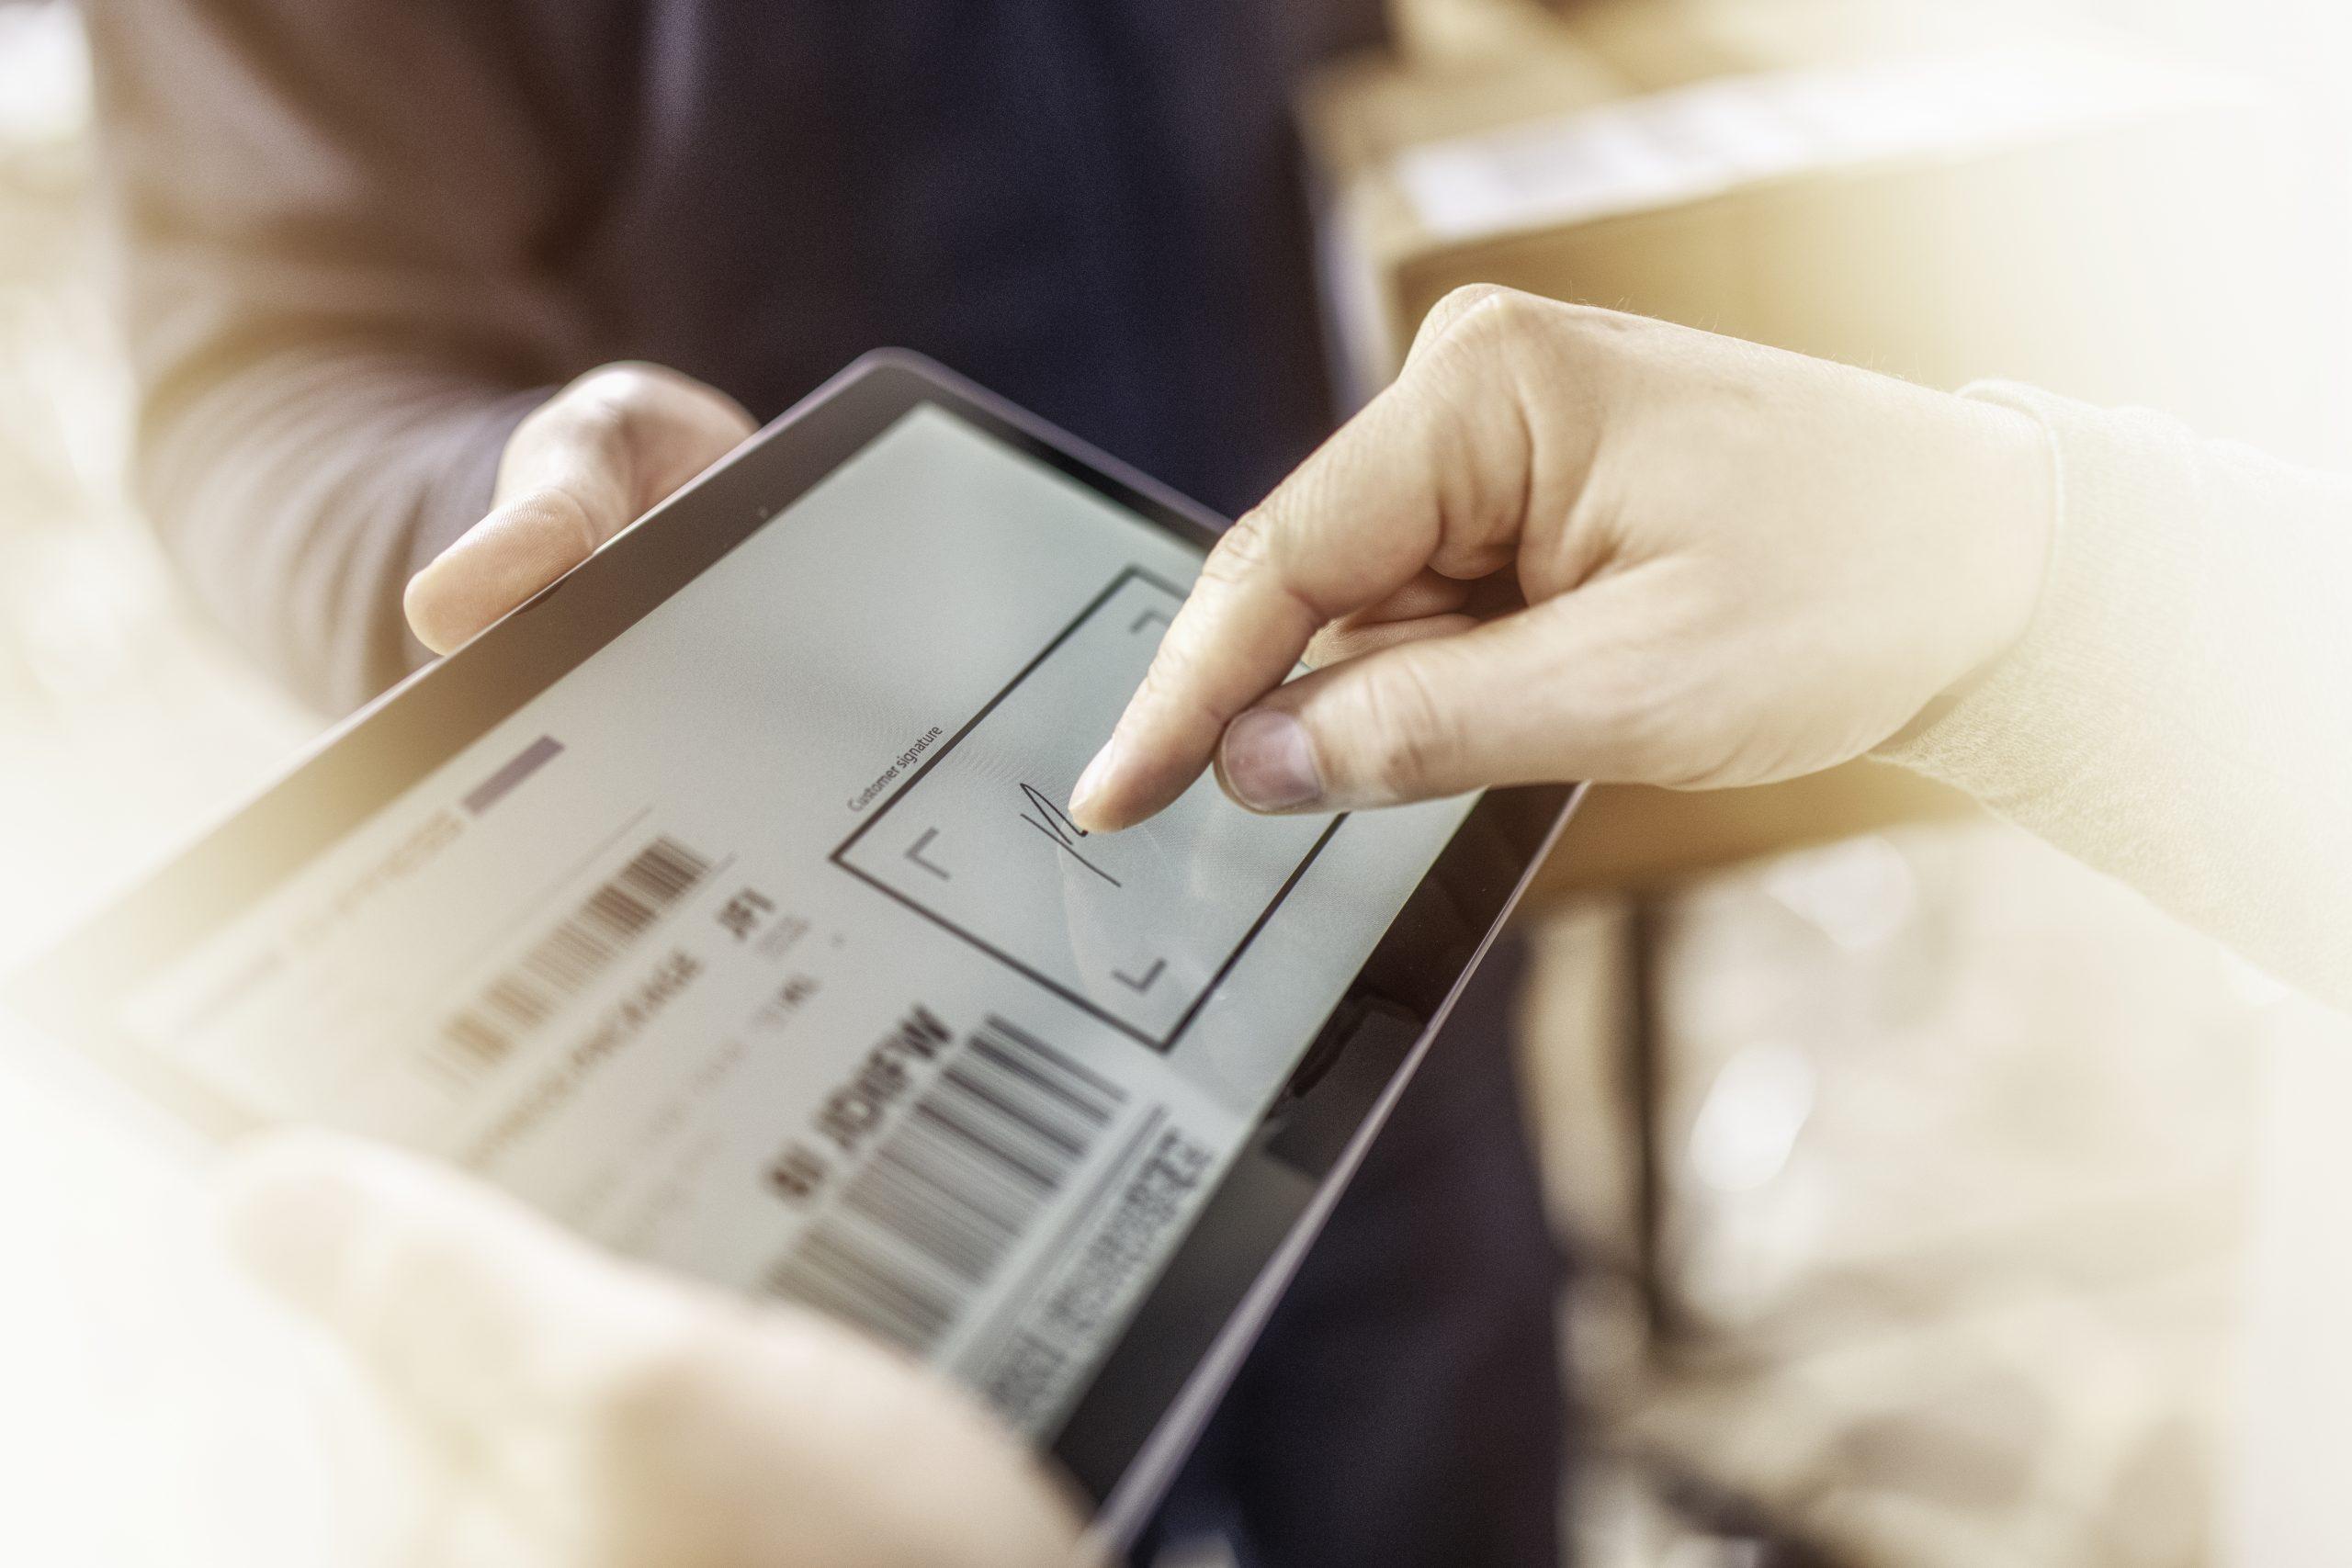 Vale a pena ter uma mesa digitalizadora? Veja as vantagens dela